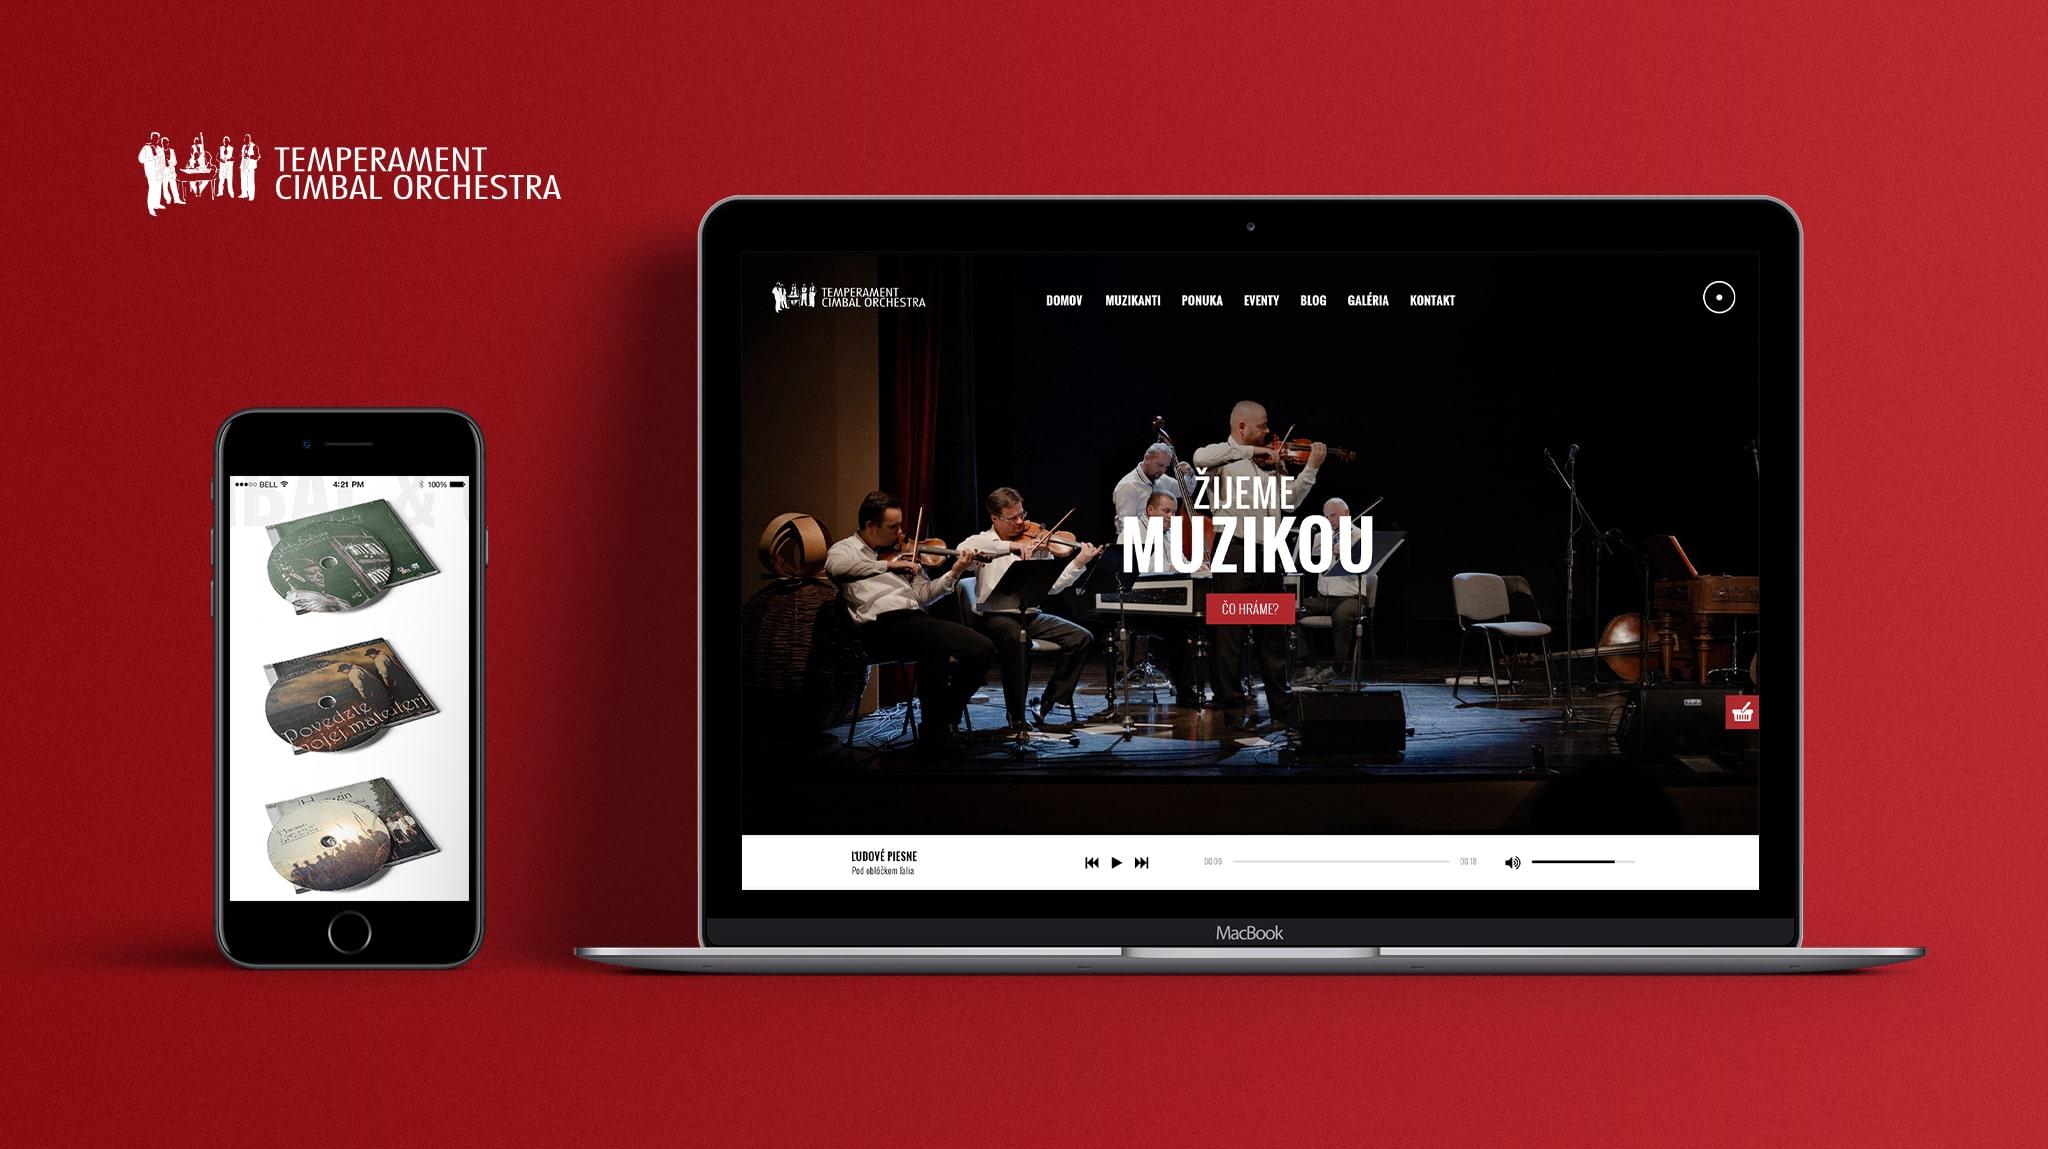 Tvorba web stránky pre Temperament Cimbal Orchestra   Marketingová agentúra UNIQINO